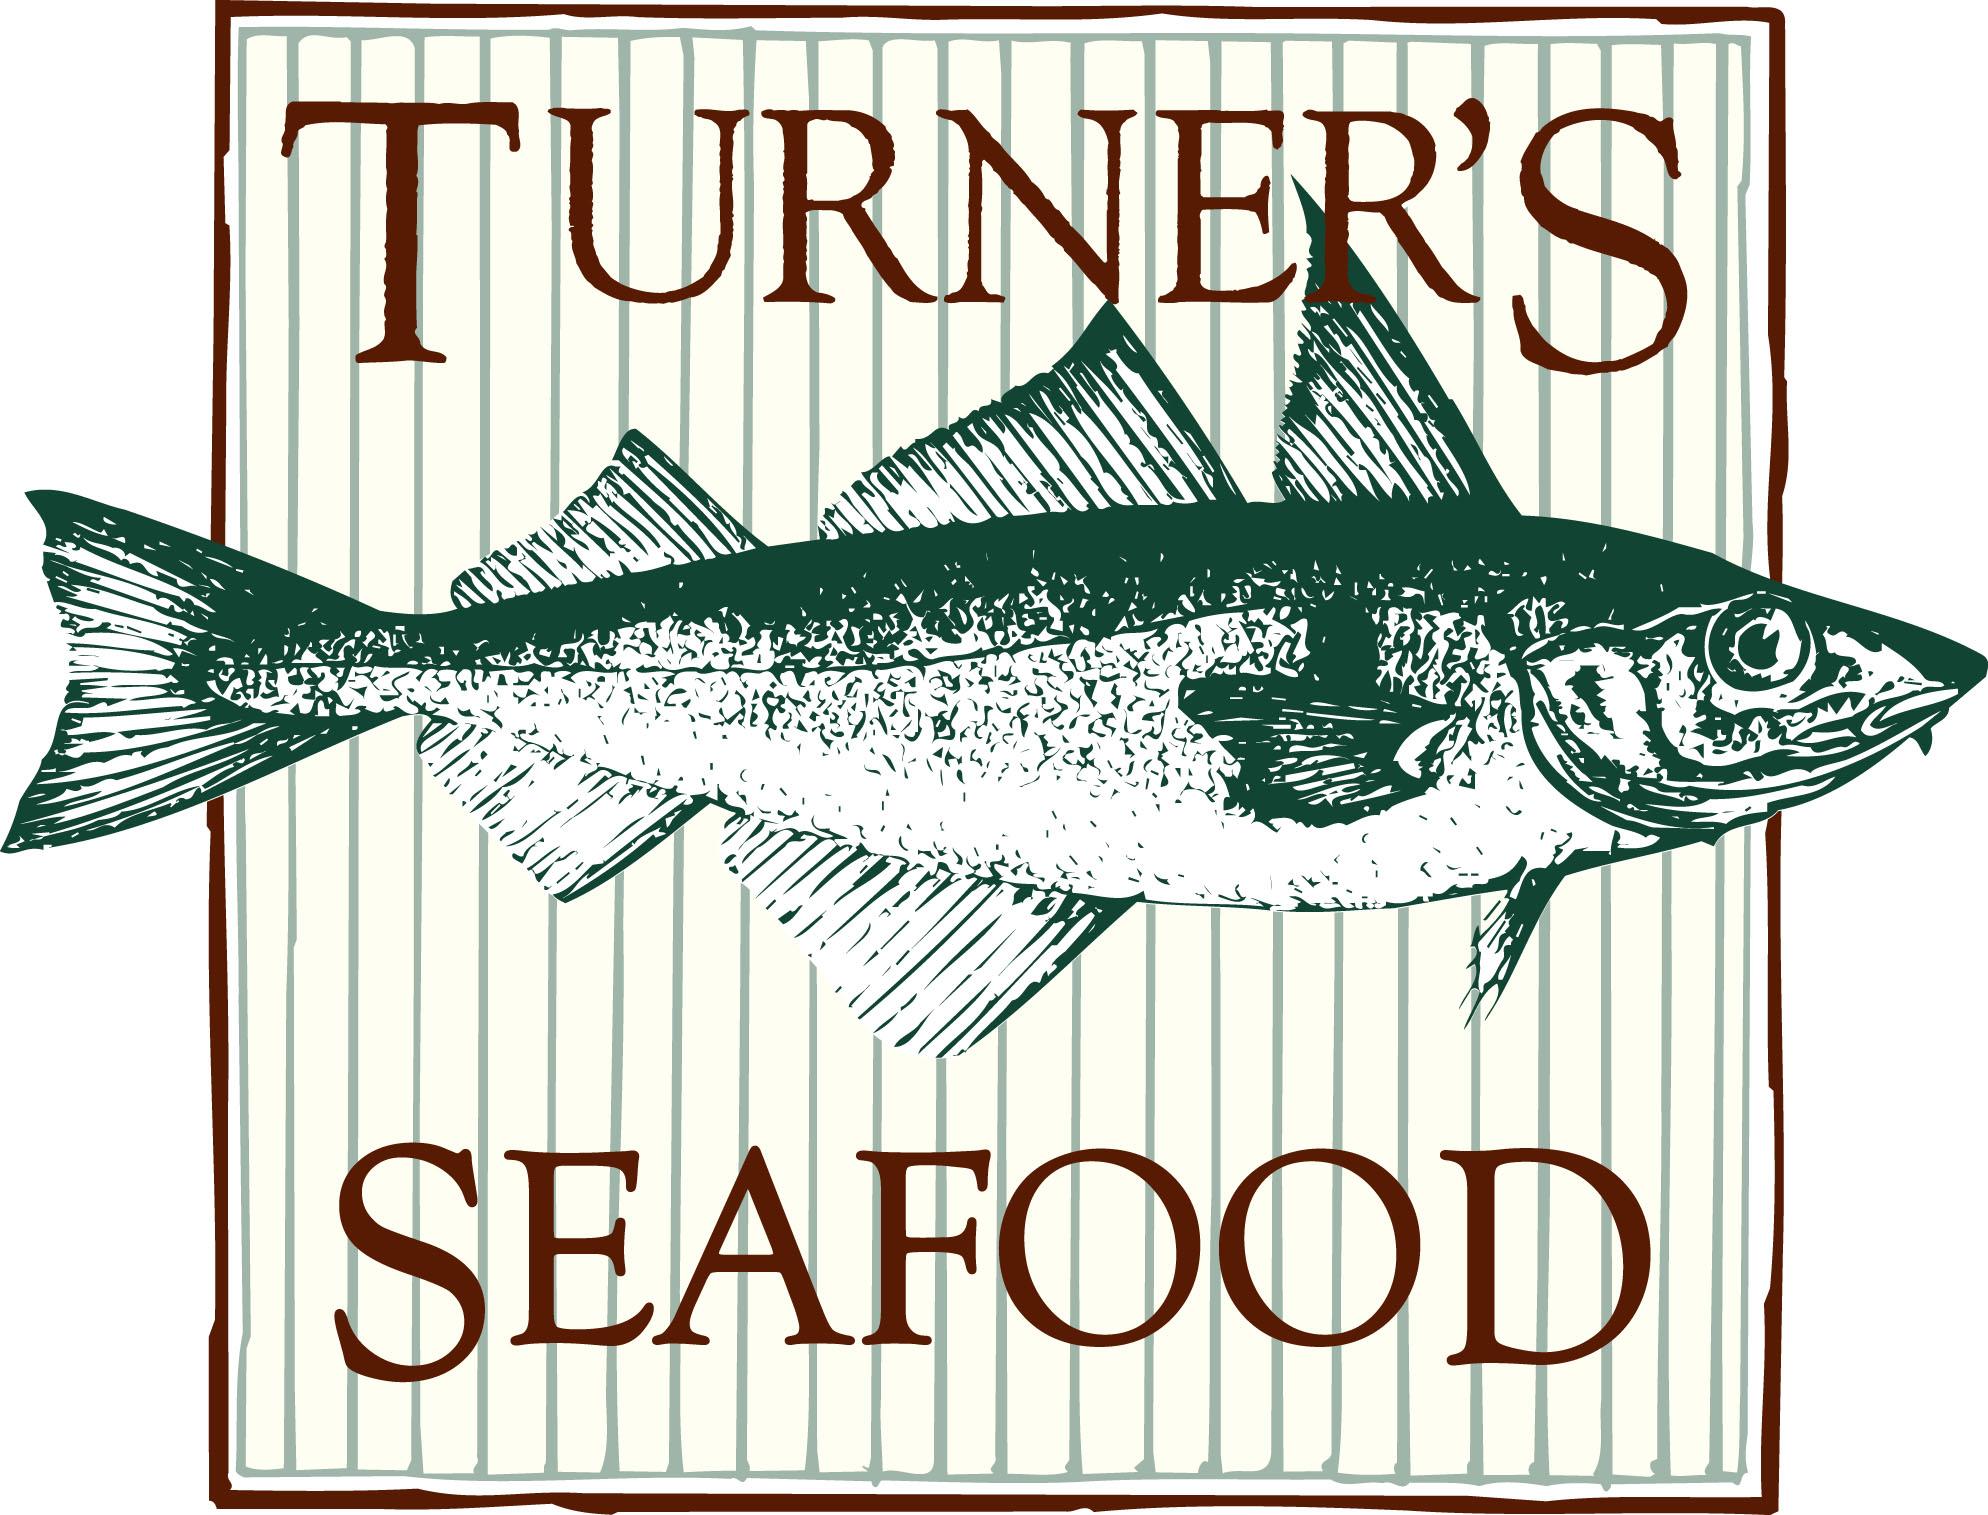 Turners Seafood